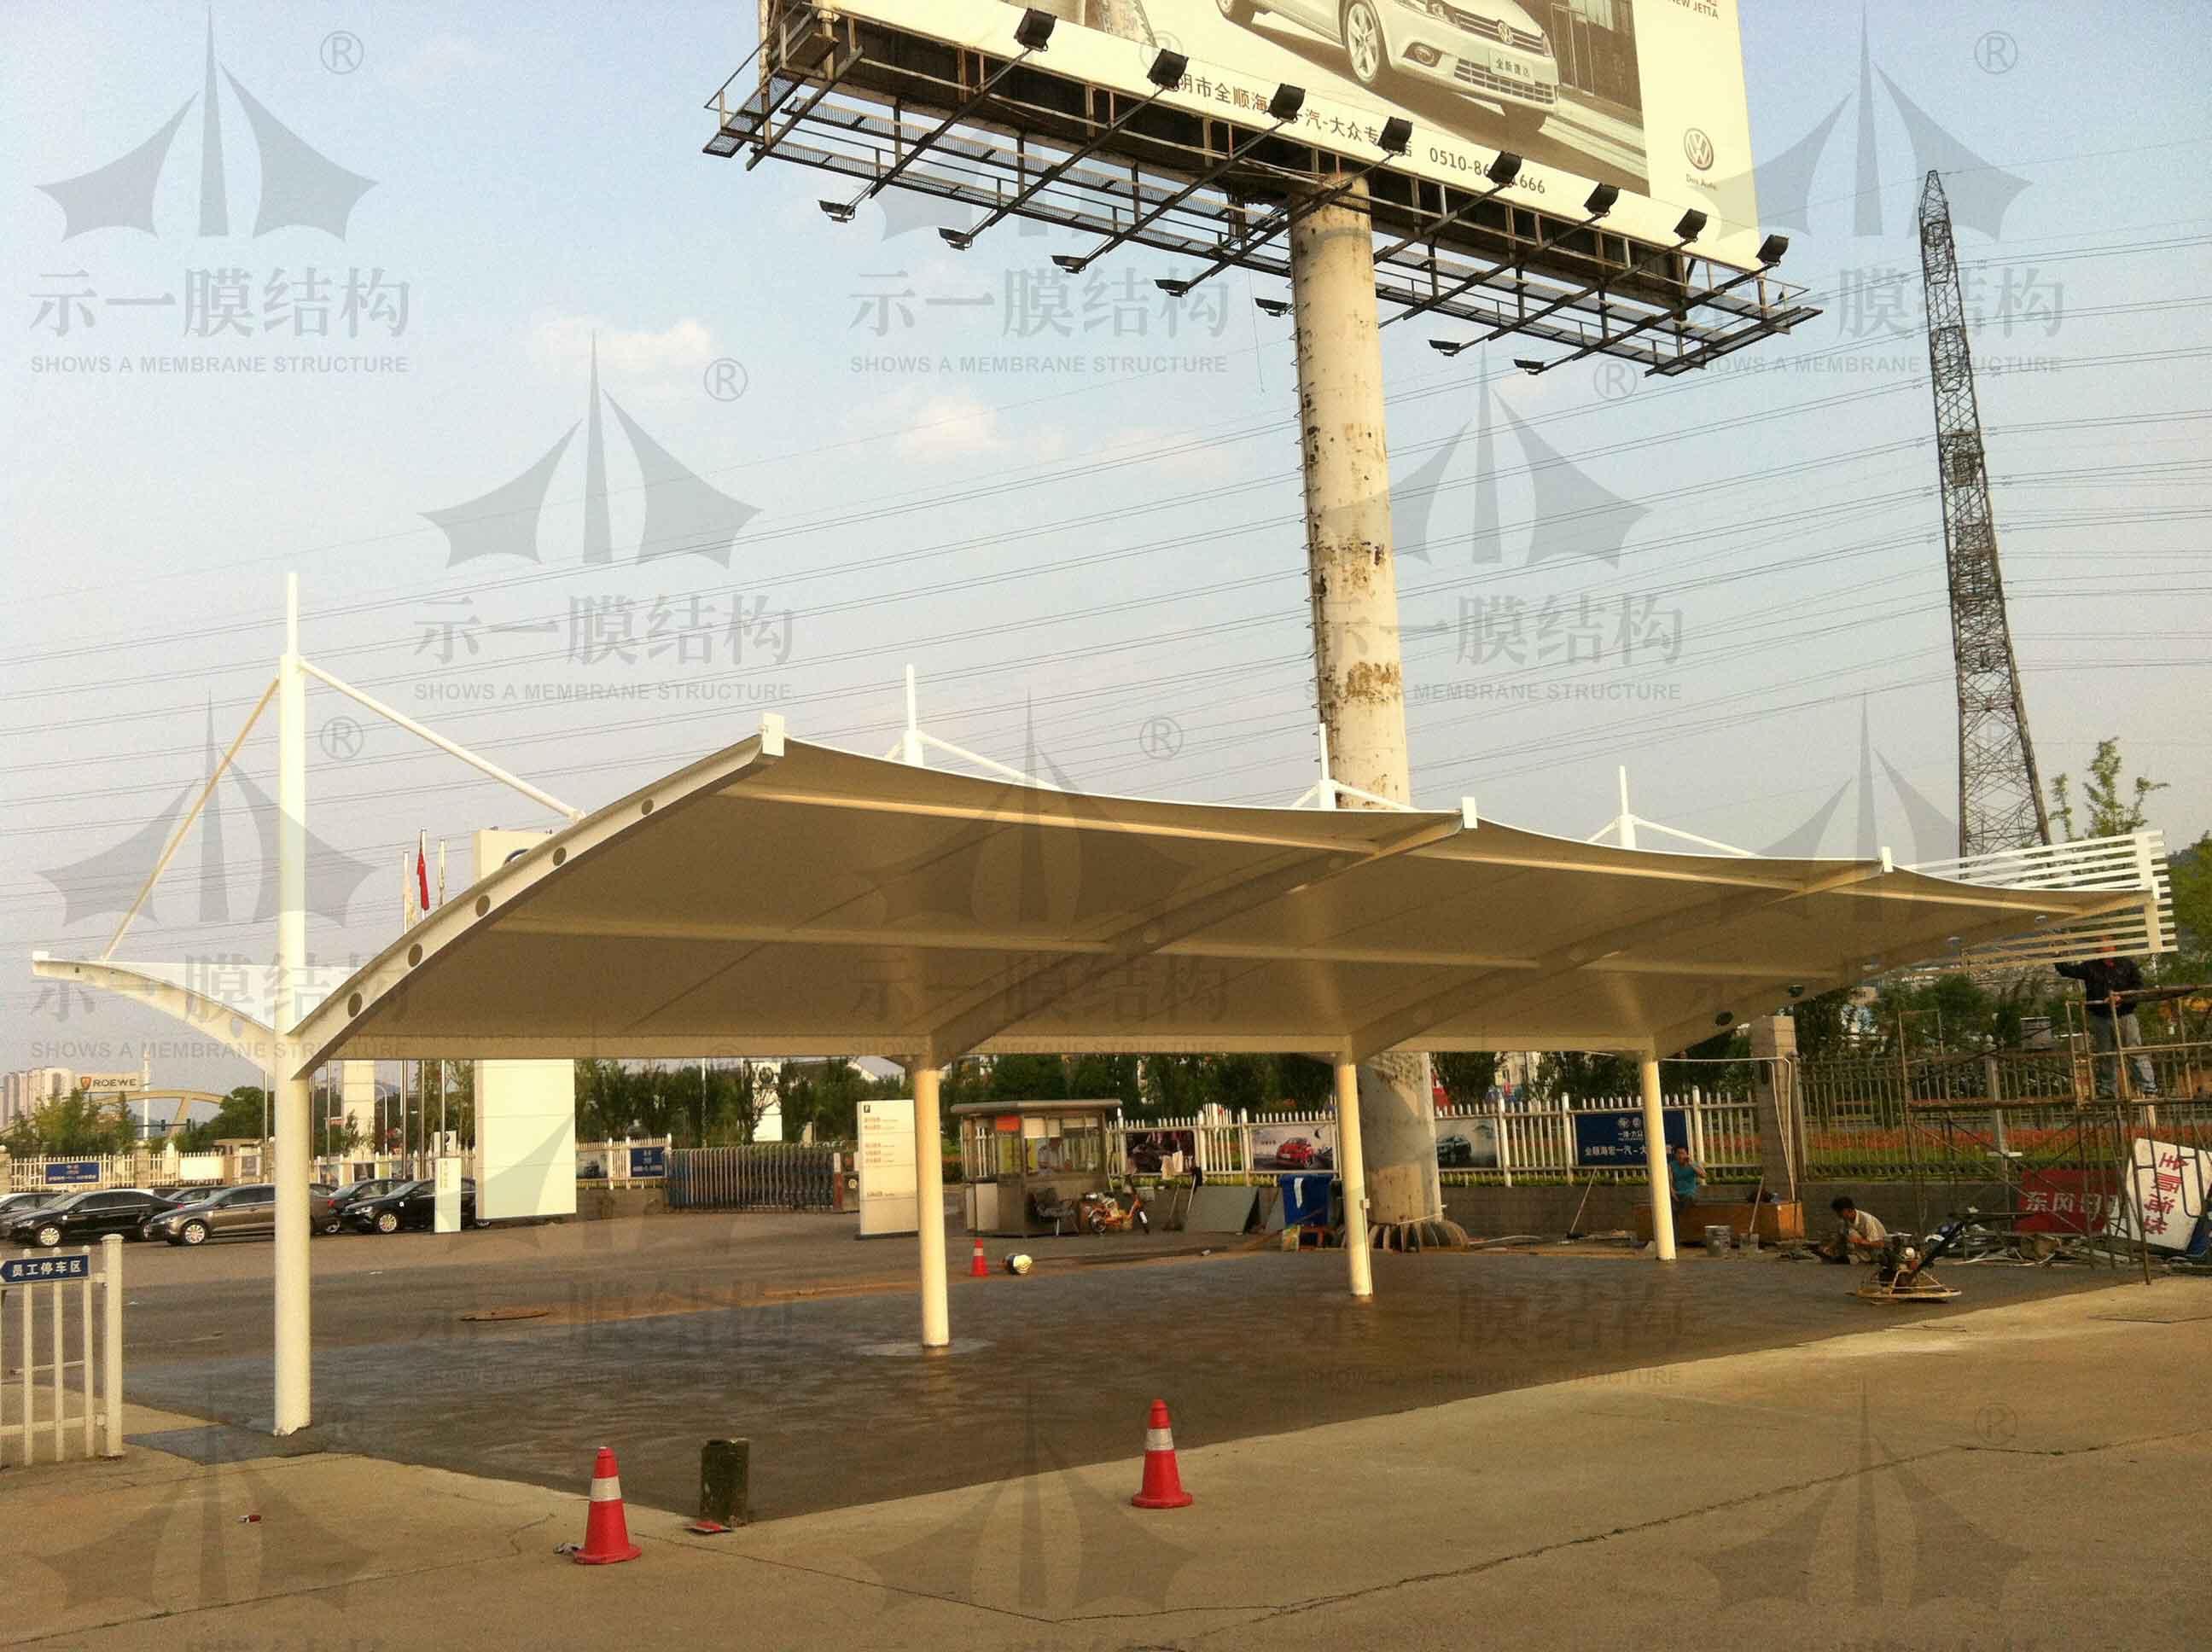 上海示一膜结构4S店膜结构停车棚